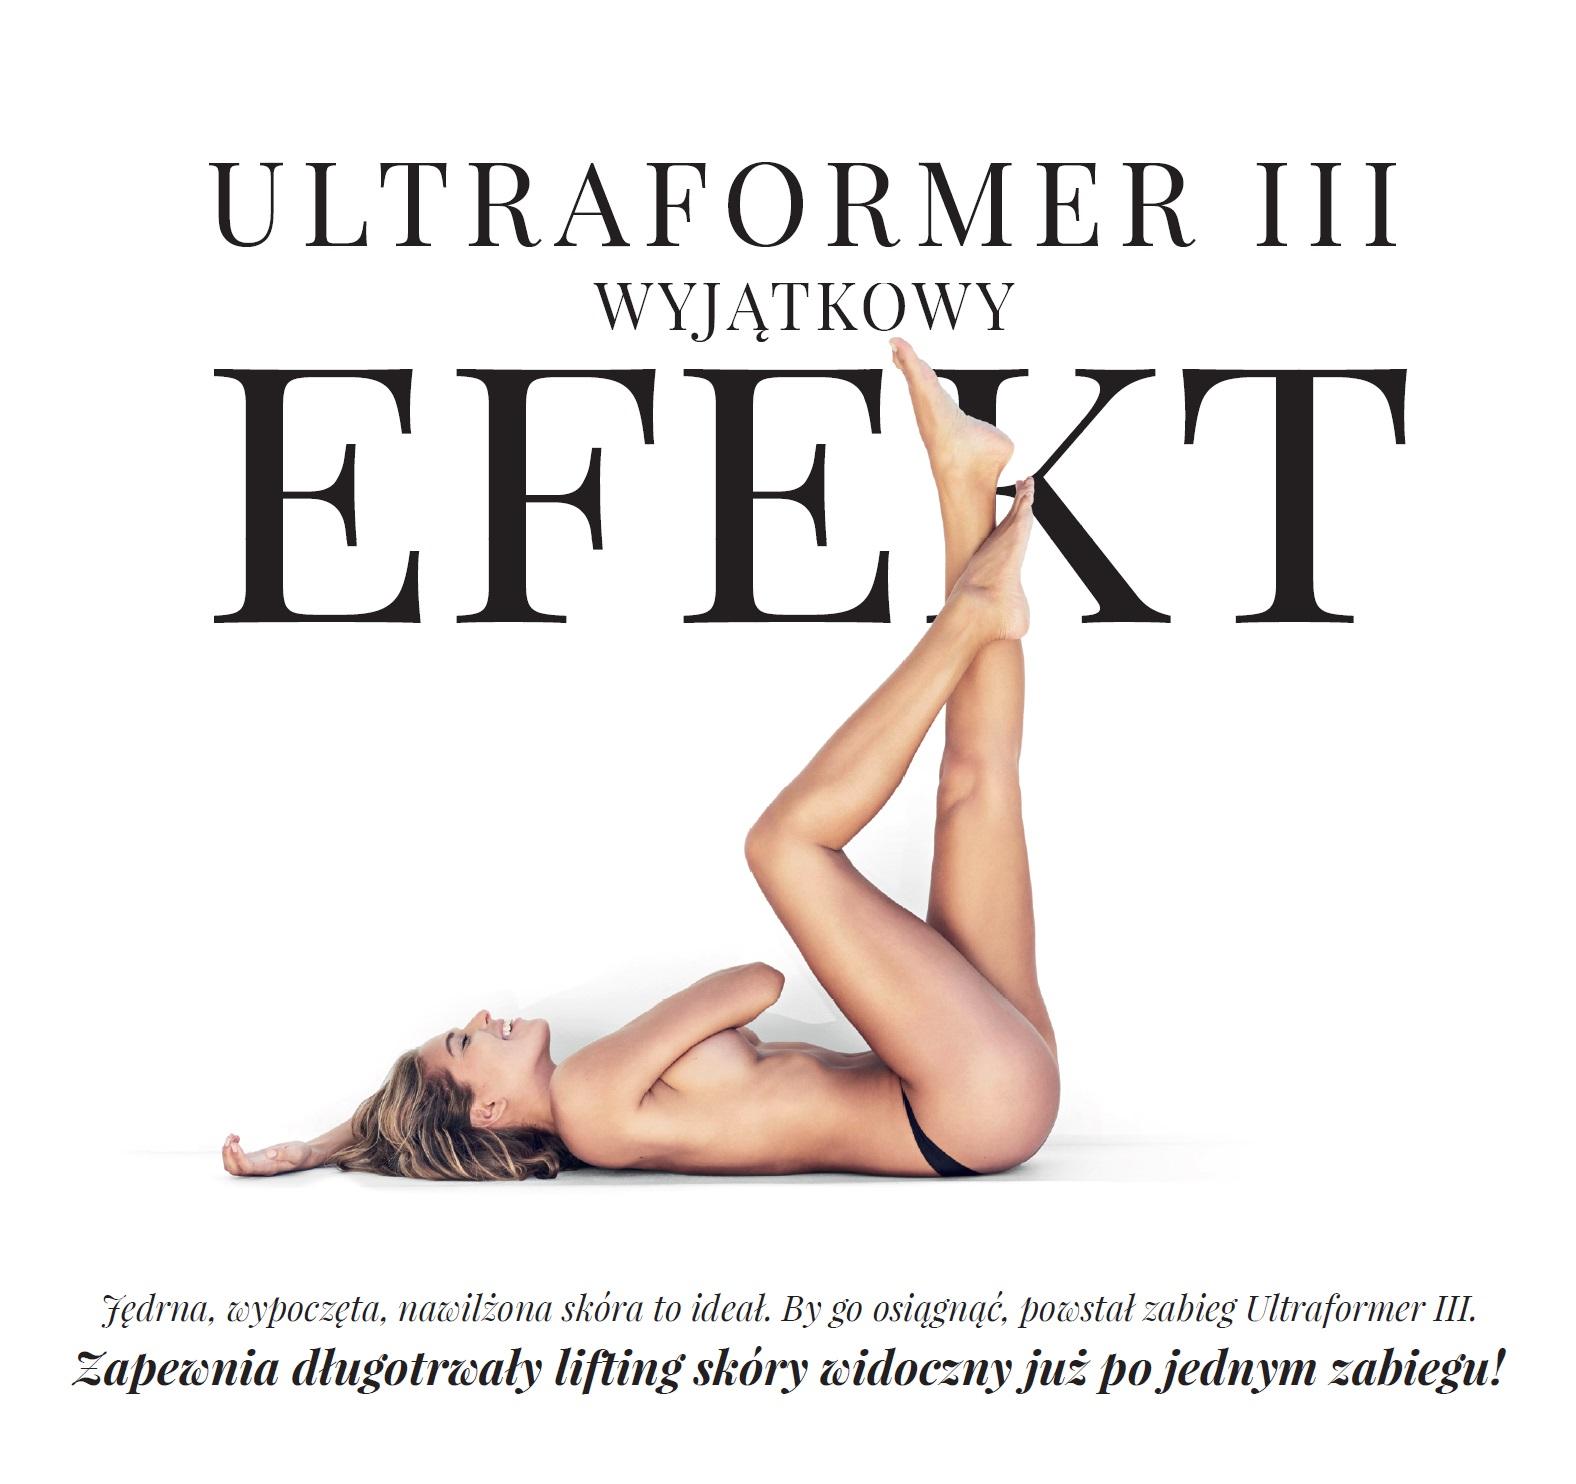 ultraformer-iii